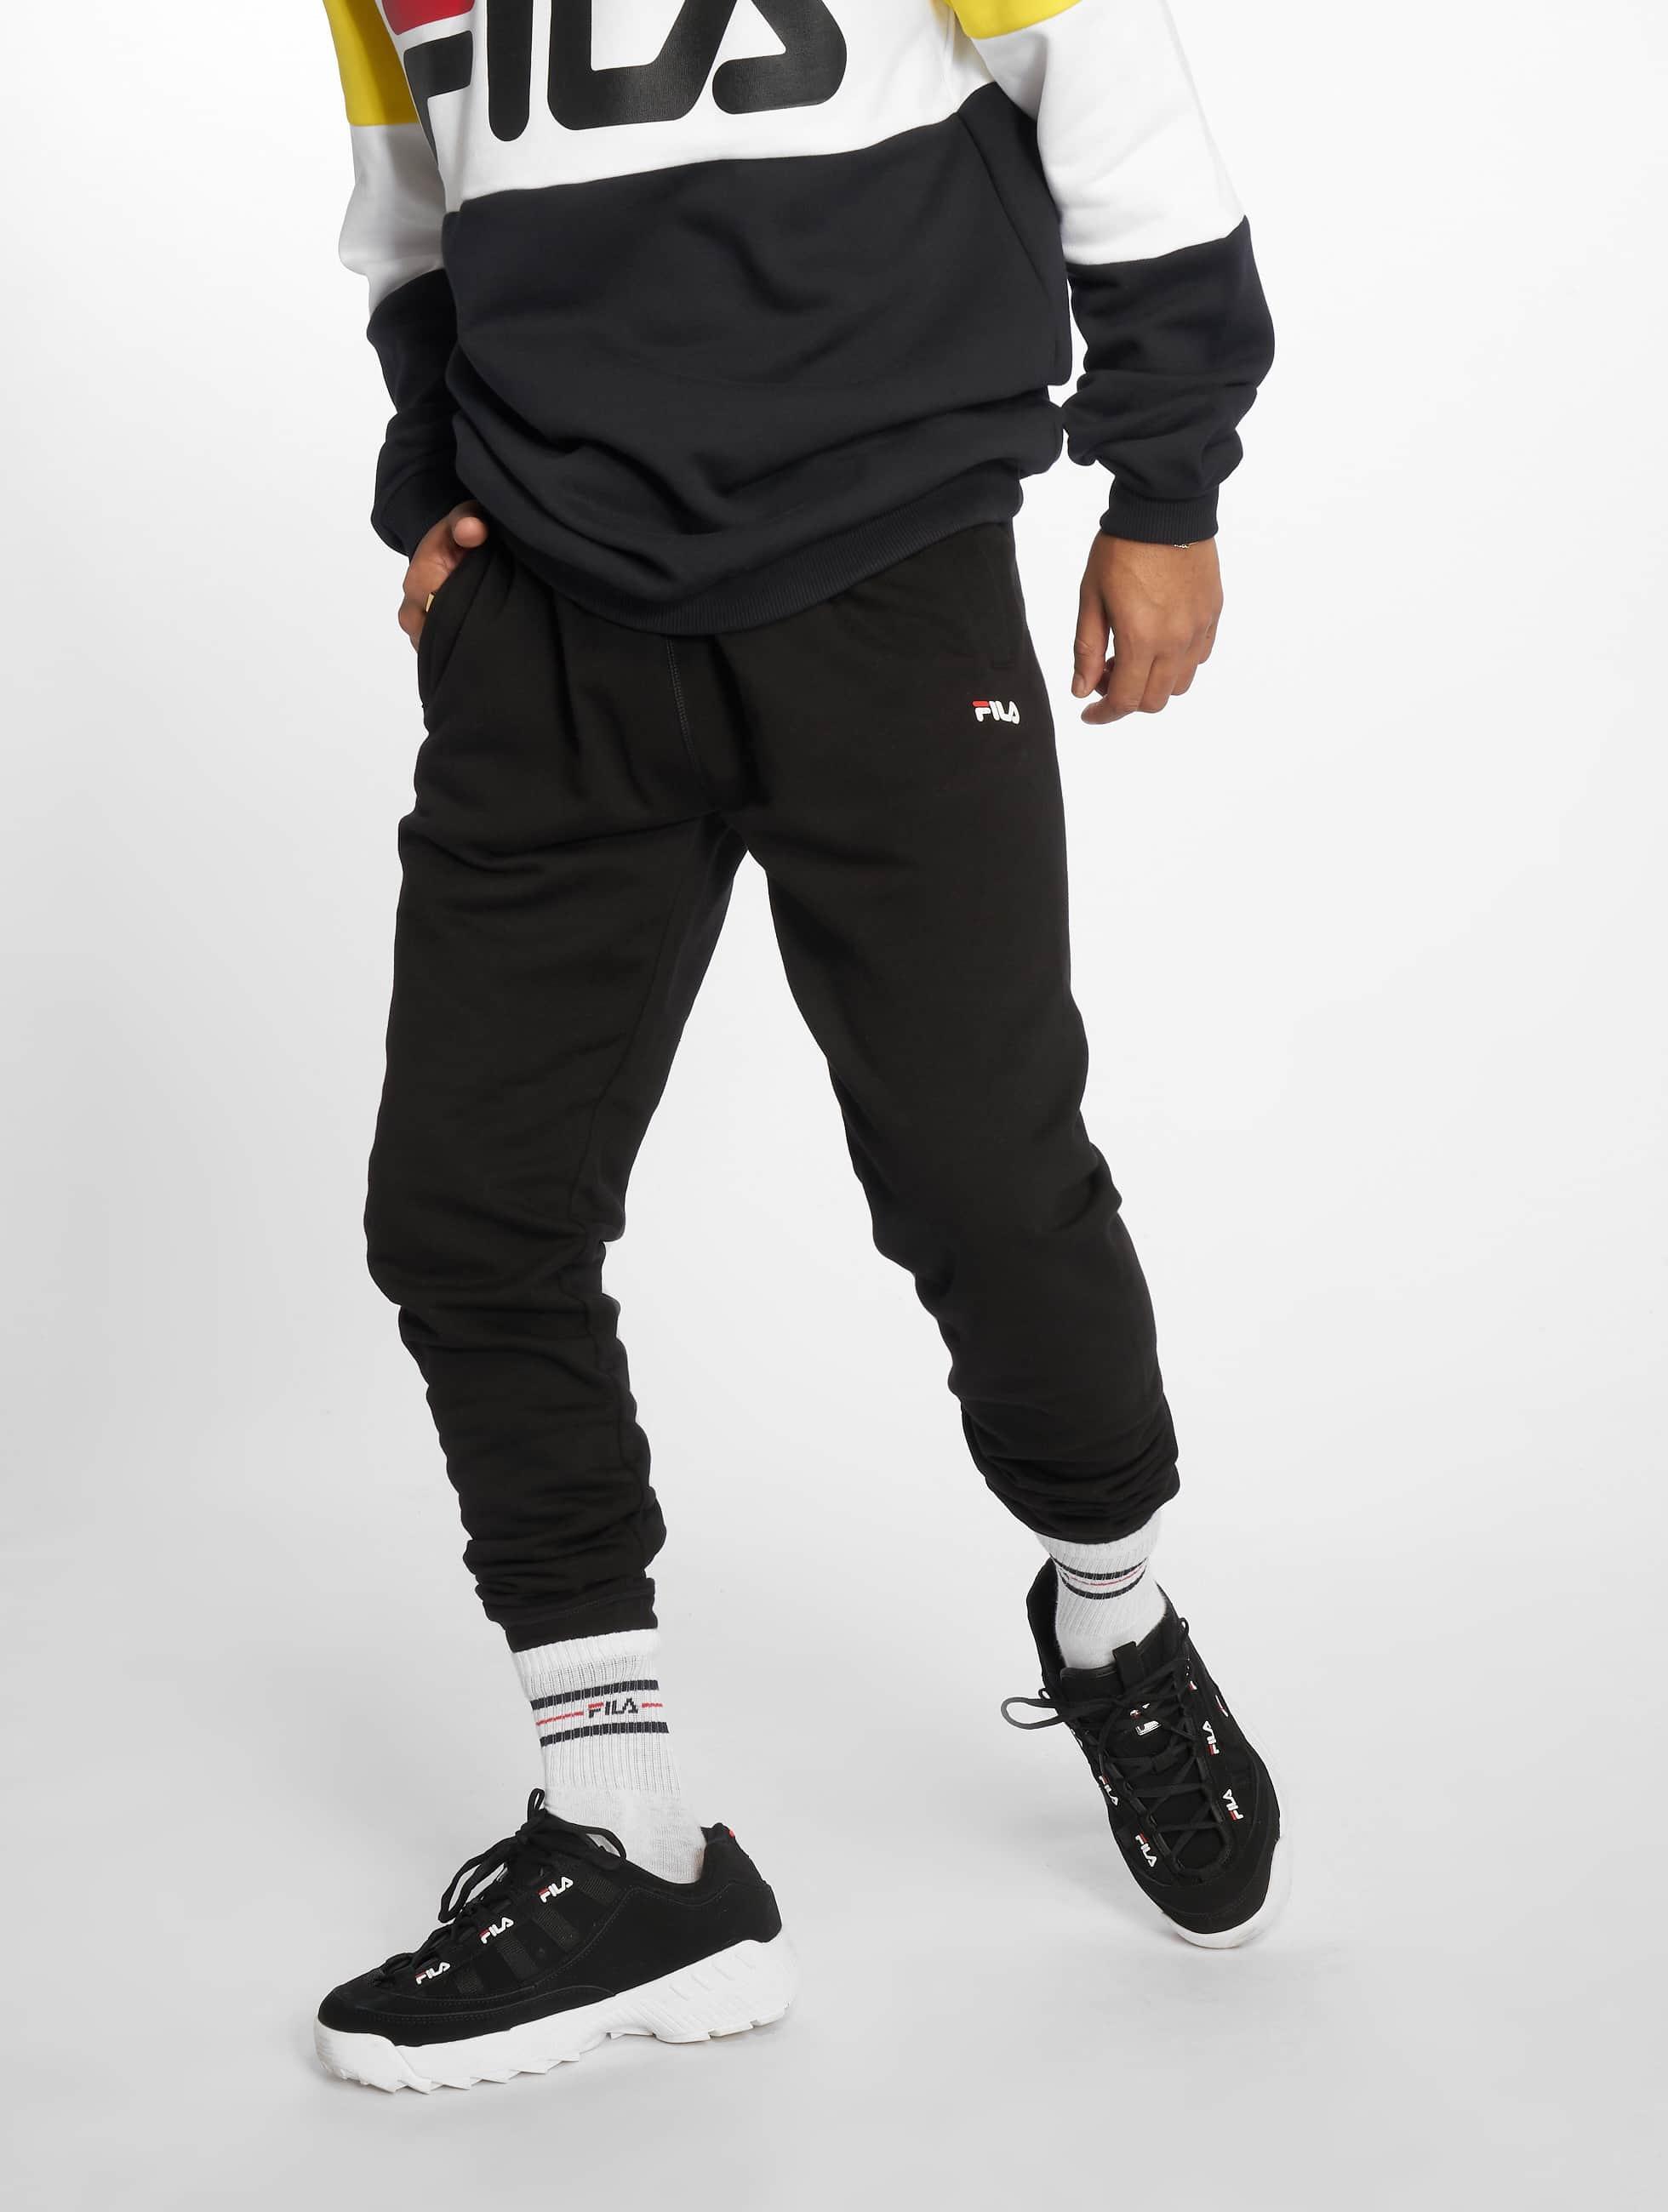 f7543911dc7 FILA broek / joggingbroek Pure in zwart 632741